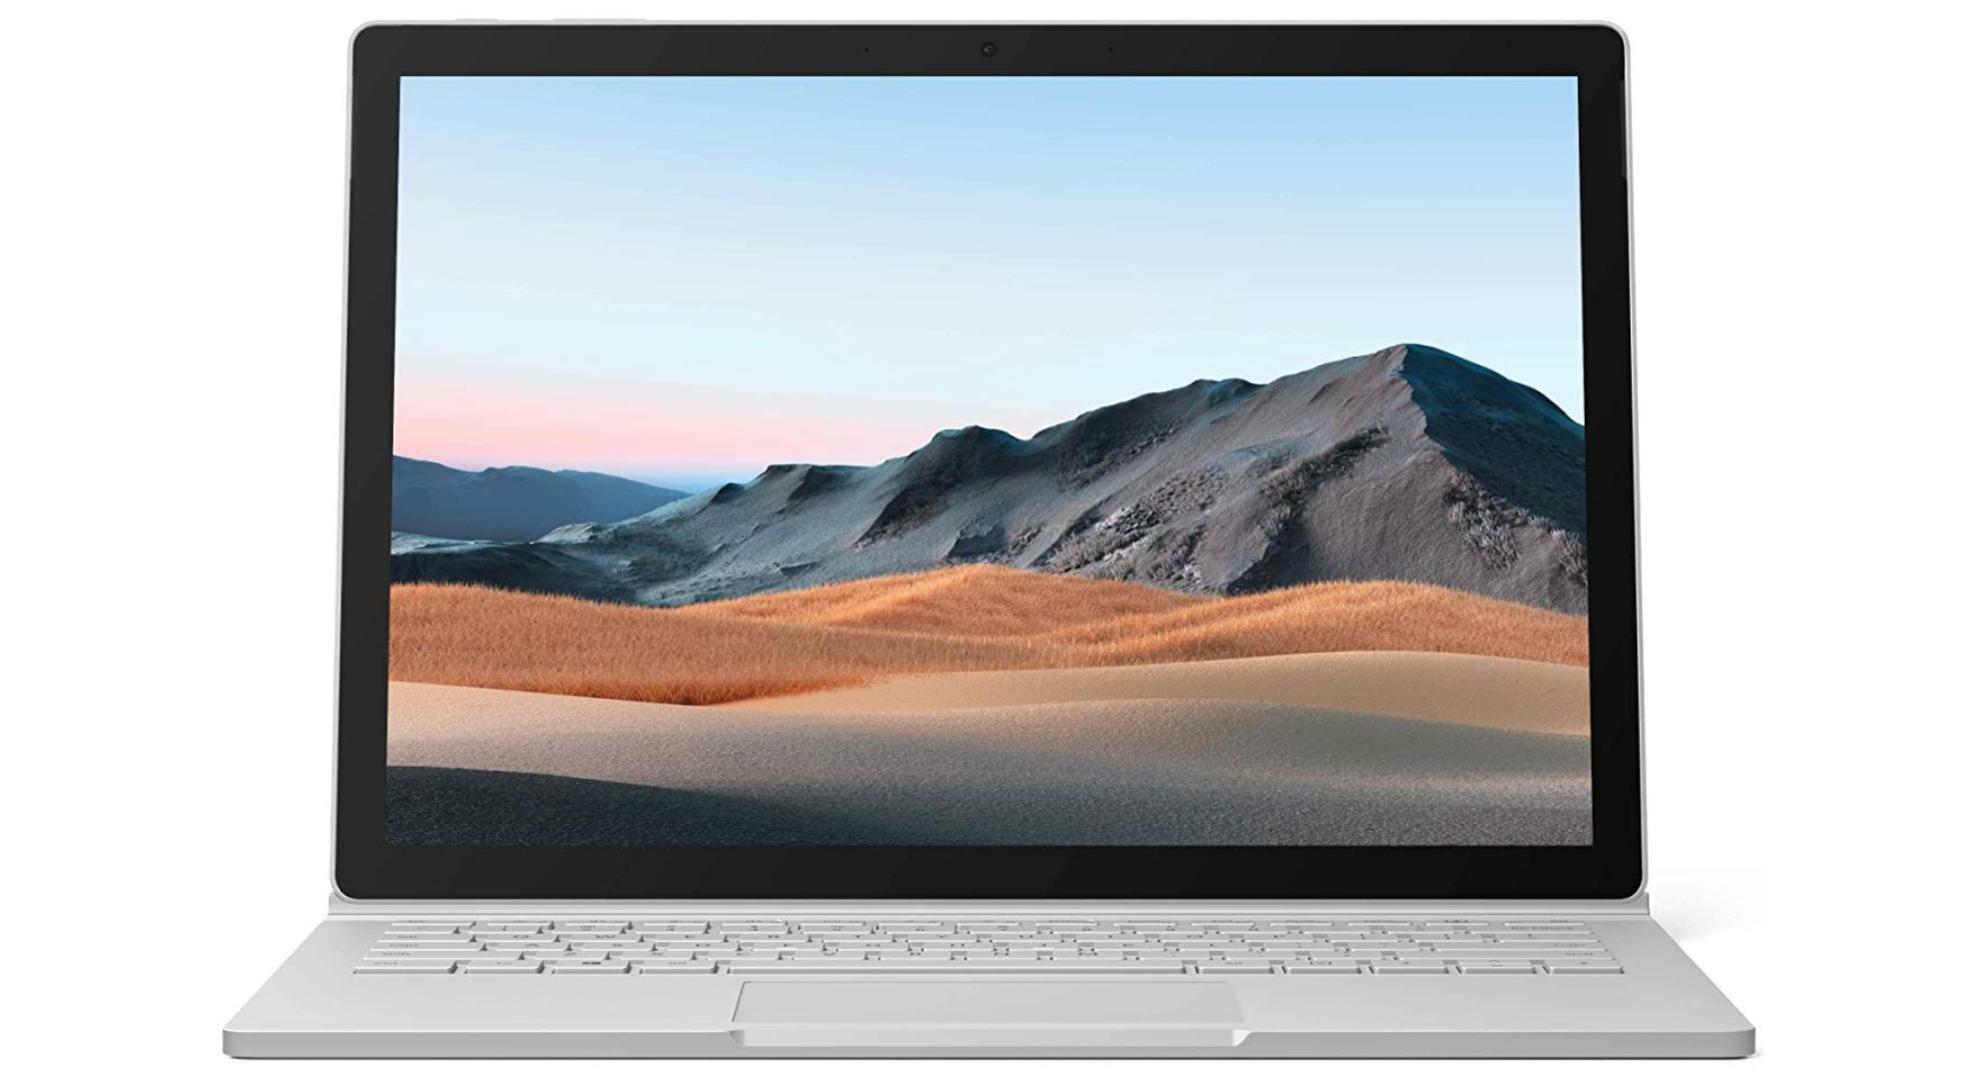 Jusqu'à 700 € de réduction sur différents modèles du Microsoft Surface Book 3